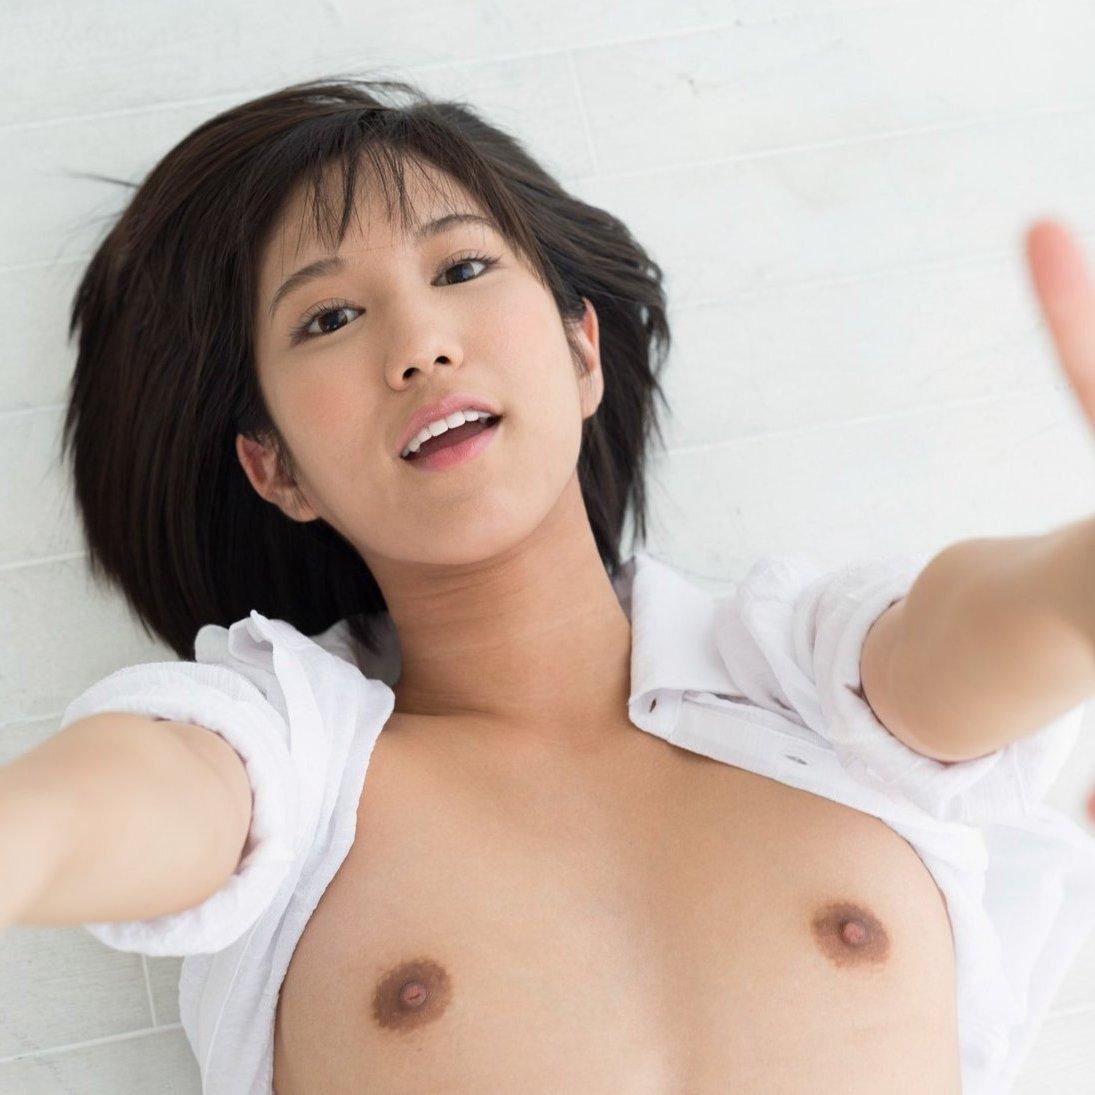 湊莉久、美乳&桃尻のスレンダー美少女が濃厚中出しセックス